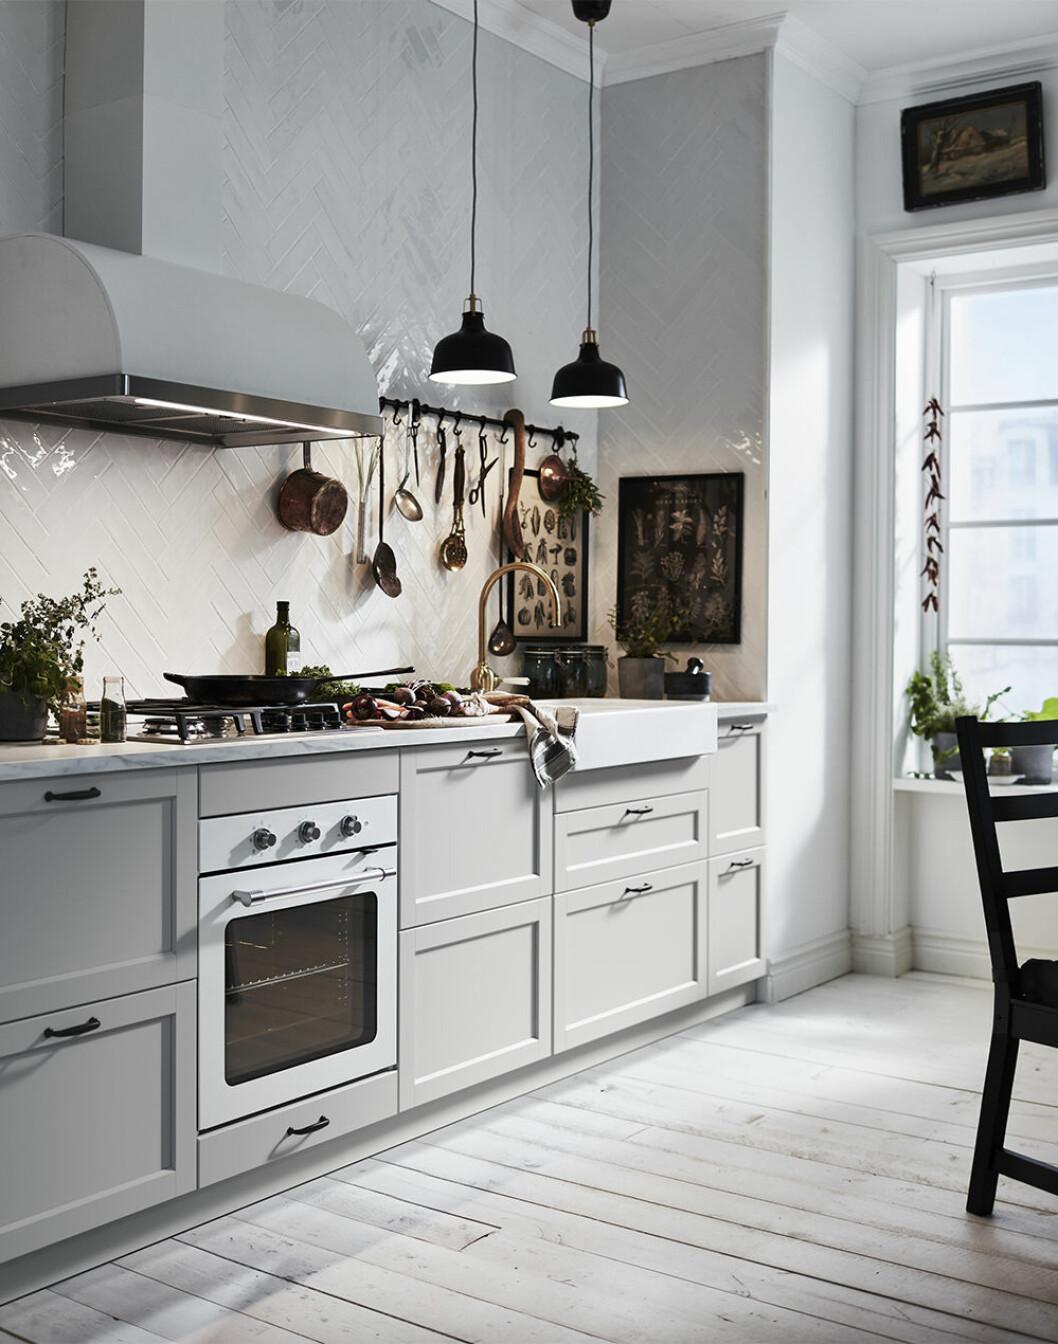 Snyggt kök från Ikea våren 2020